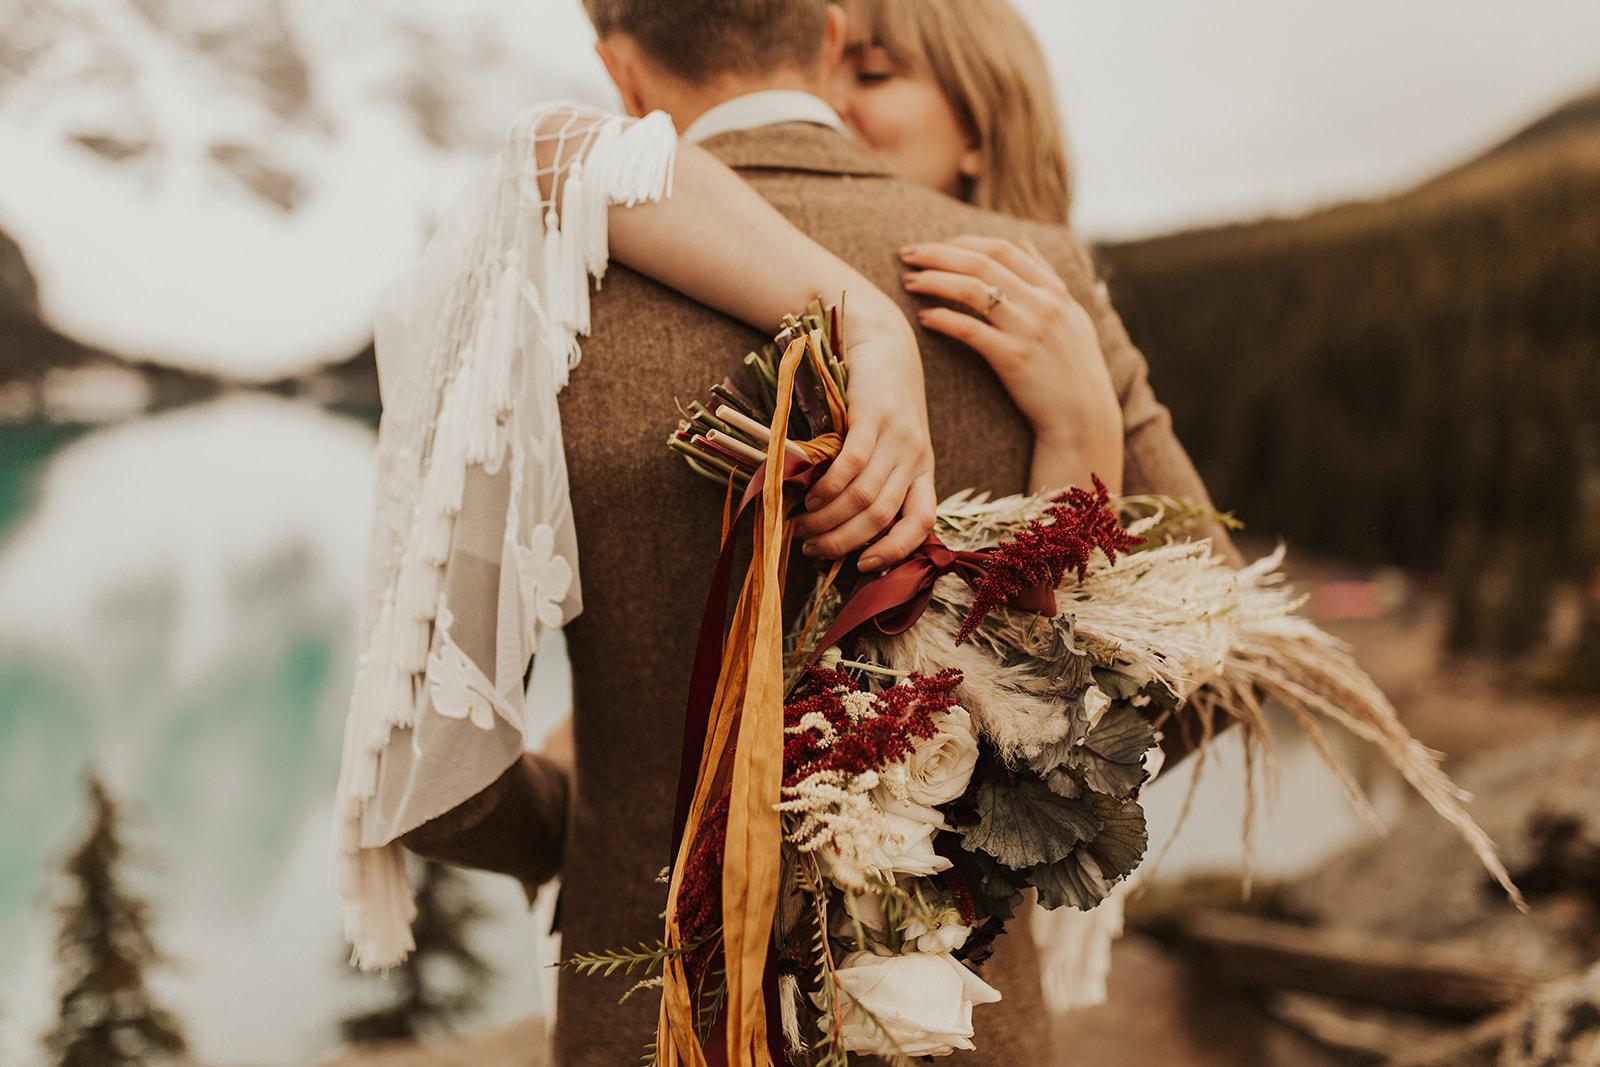 Banff Elopement l Lake Moraine Elopement l Vintage Bolo Tie l Pampas Grass Boho Boquet l Rue Design Wedding Dress l Banff Wedding Photographer l Destination Wedding Photographer l Katy Rose Photo_-48.jpg